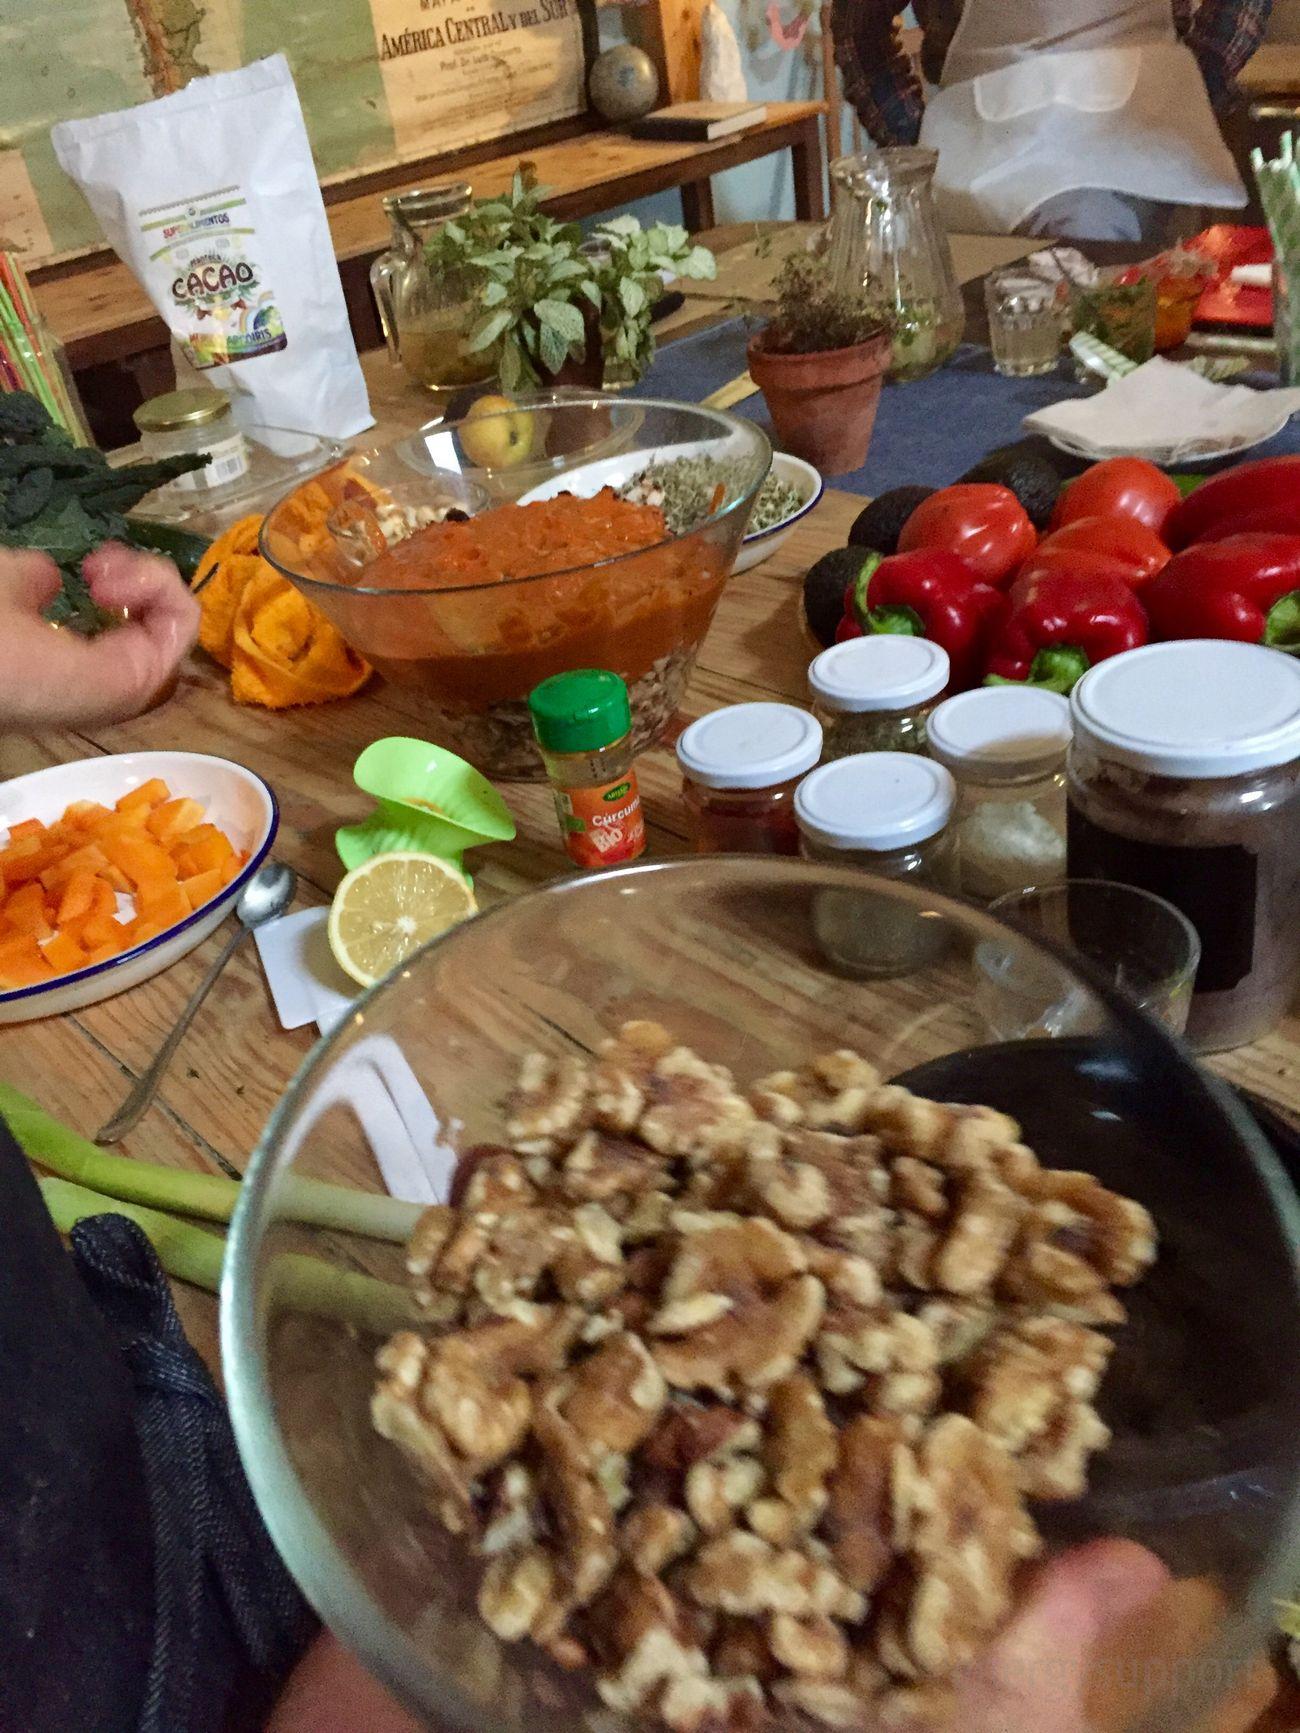 MOLTVEG OrganicArtFood VackaBarcelona Happycow Vegan Vegetables Showcooking Cooking EnergySupportBcn Poblenou Brunch #MOLTVEG @vackabarcelona @MariaMolinaCivi #VackaBarcelona #OrganicArtFood #Happycow #TALLERandBRUNCH #Showcooking #PobleNou #Bcn Presentado por María & Max/Luz como nos debemos alimentar 📓 #saludableTALLER & BRUNCH Sábado 12 de diciembre 2015 #RAW #VEGAN #ORGANIC #GLUTENFREE 100% vegetal, sin gluten, sin lácteos, sin azúcar, sin alimentos procesados y todos los ingredientes ecológicos. Conceptos básicos de la alimentación viva primeros pasos para comenzar reemplazando de nuestra dieta los alimentos dañinos por alcalinos y regenerativos. Mira las fotos en: https://www.swarmapp.com/c/kS9q2XB1dj9 El espacio del #cooking es una maravilla, todos hemos salido encantados y repetiremos #vegano MOLT VEG C/ Ciutat de Granada, 32 (Ramón Turro) 08005 Poblenou - Bcn📞+34 652614455 - +34 652446414info@moltveg.comwww.moltveg.com Apúntate al próximo, te encantará 😉 #diciembre2015 #prescriptores#Post @energysupport 📷 Photo Credit: #energysupportbcn #Barcelona #Catalonia #Spain #Europe #gracias #gracies #thankyou